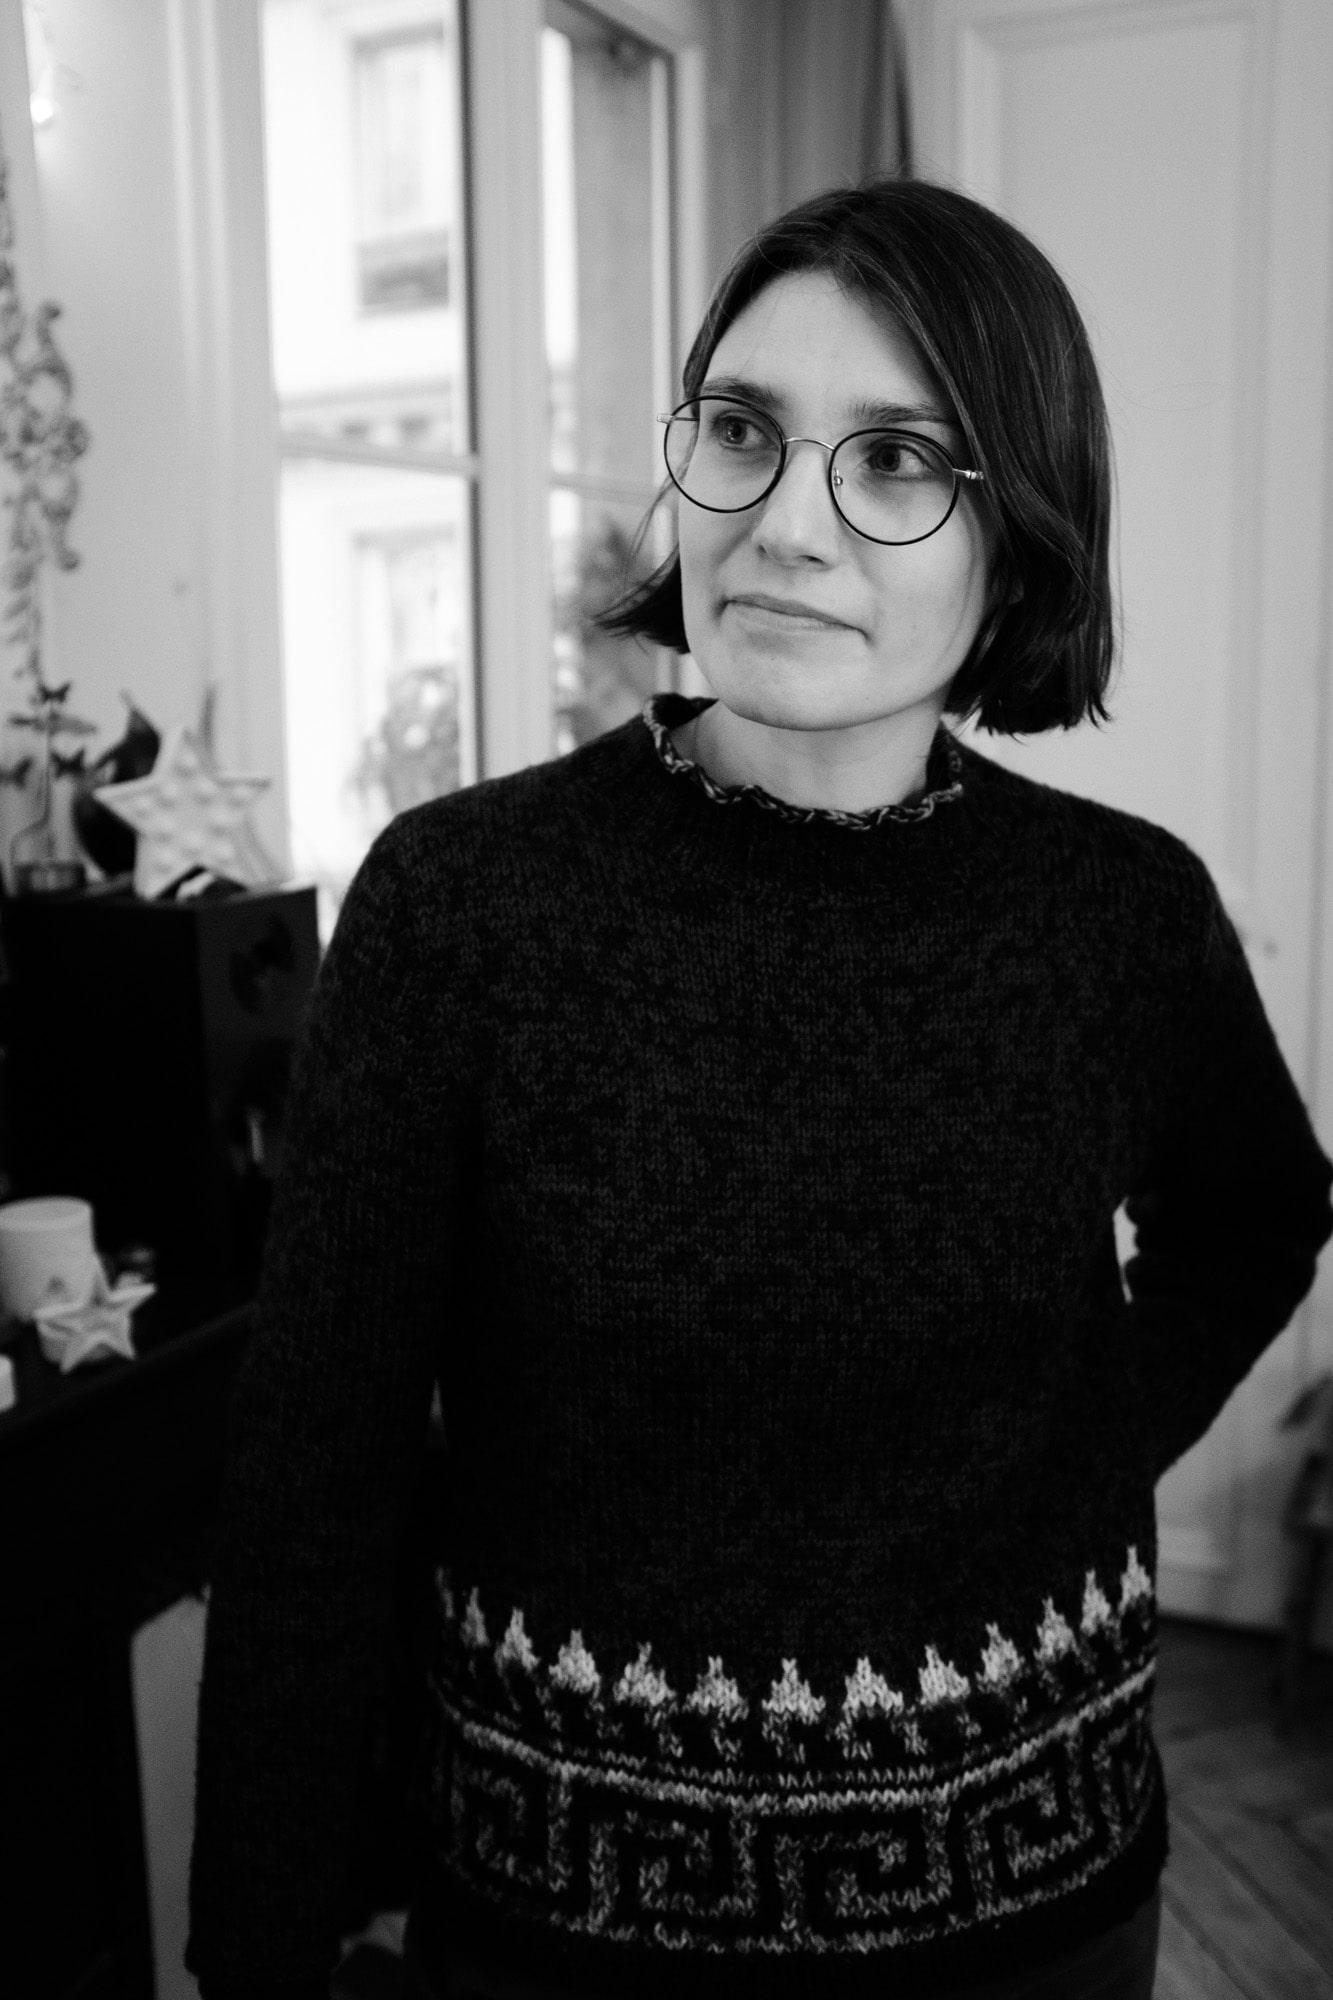 Schwarz-Weis Bild von Élodie Seguis